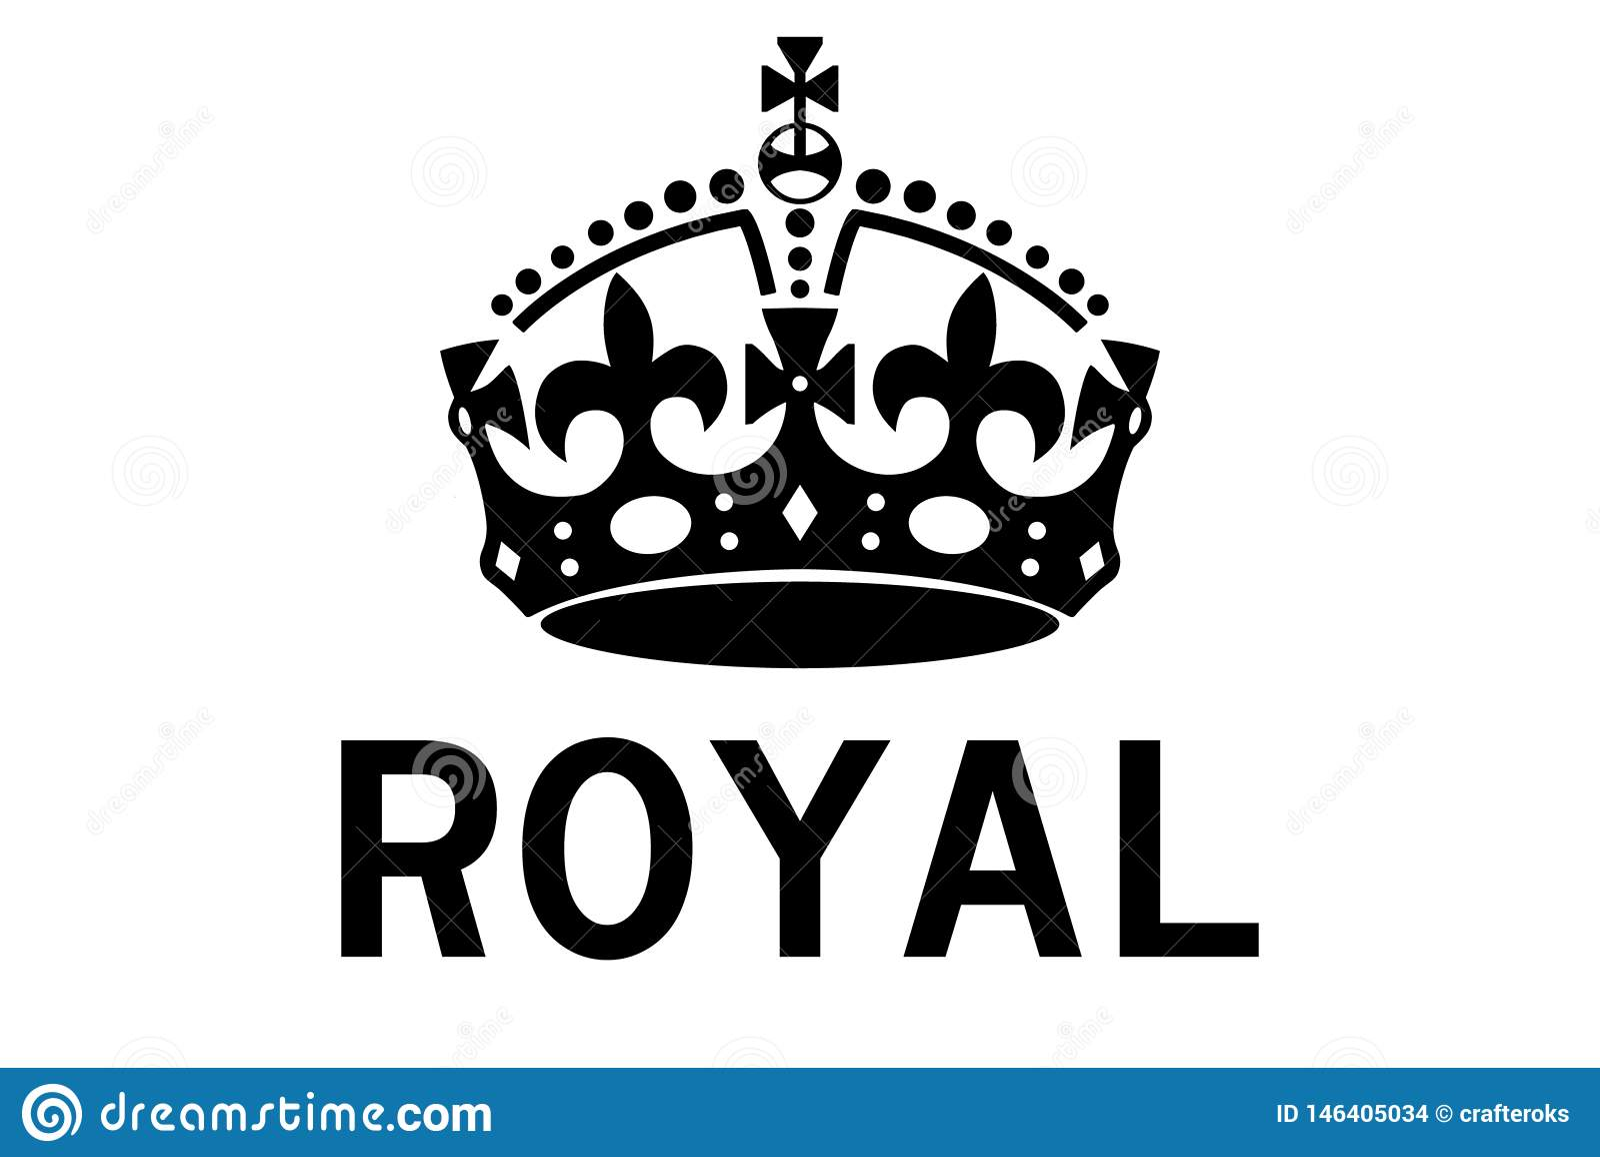 Koninklijke kroon vectoreps illustratie door crafteroks